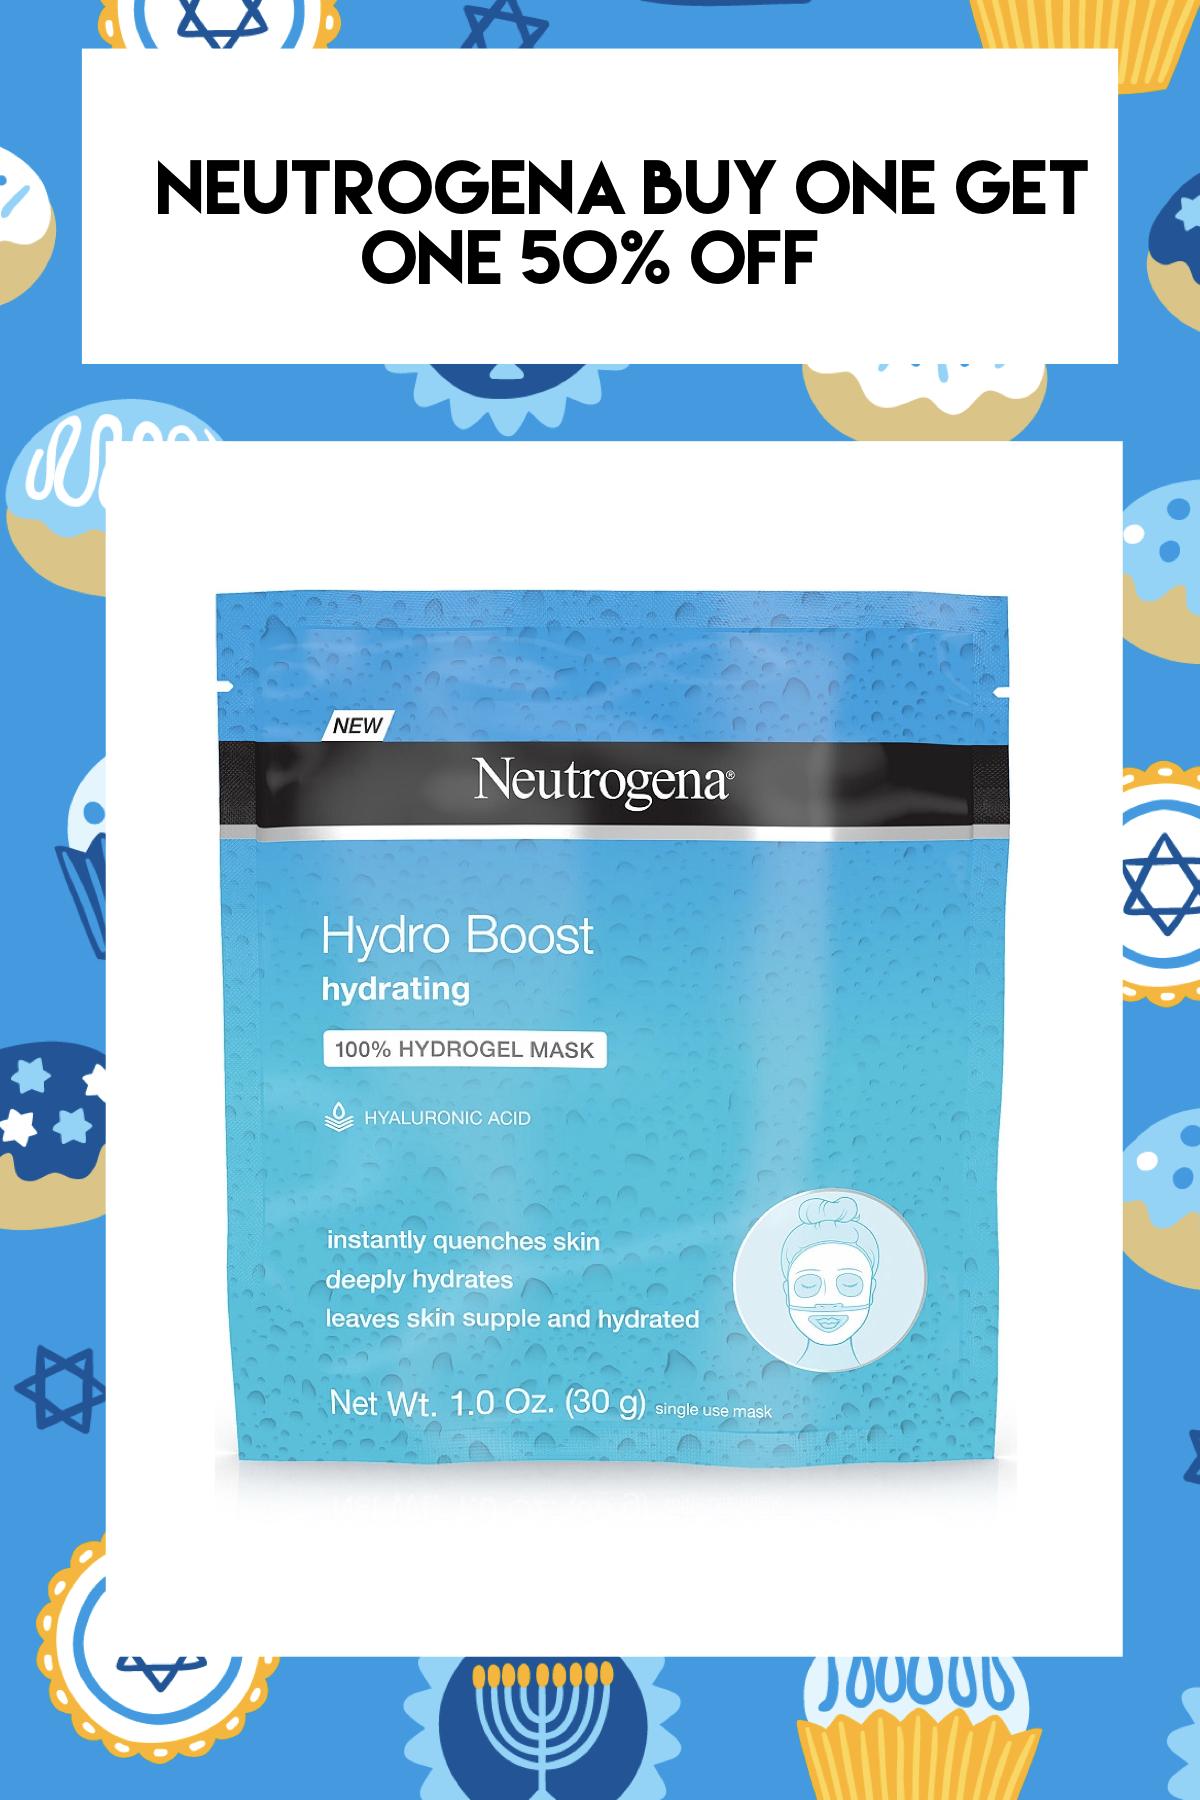 NEUTROGENA Hydro Boost Hydrating Hydrogel Mask